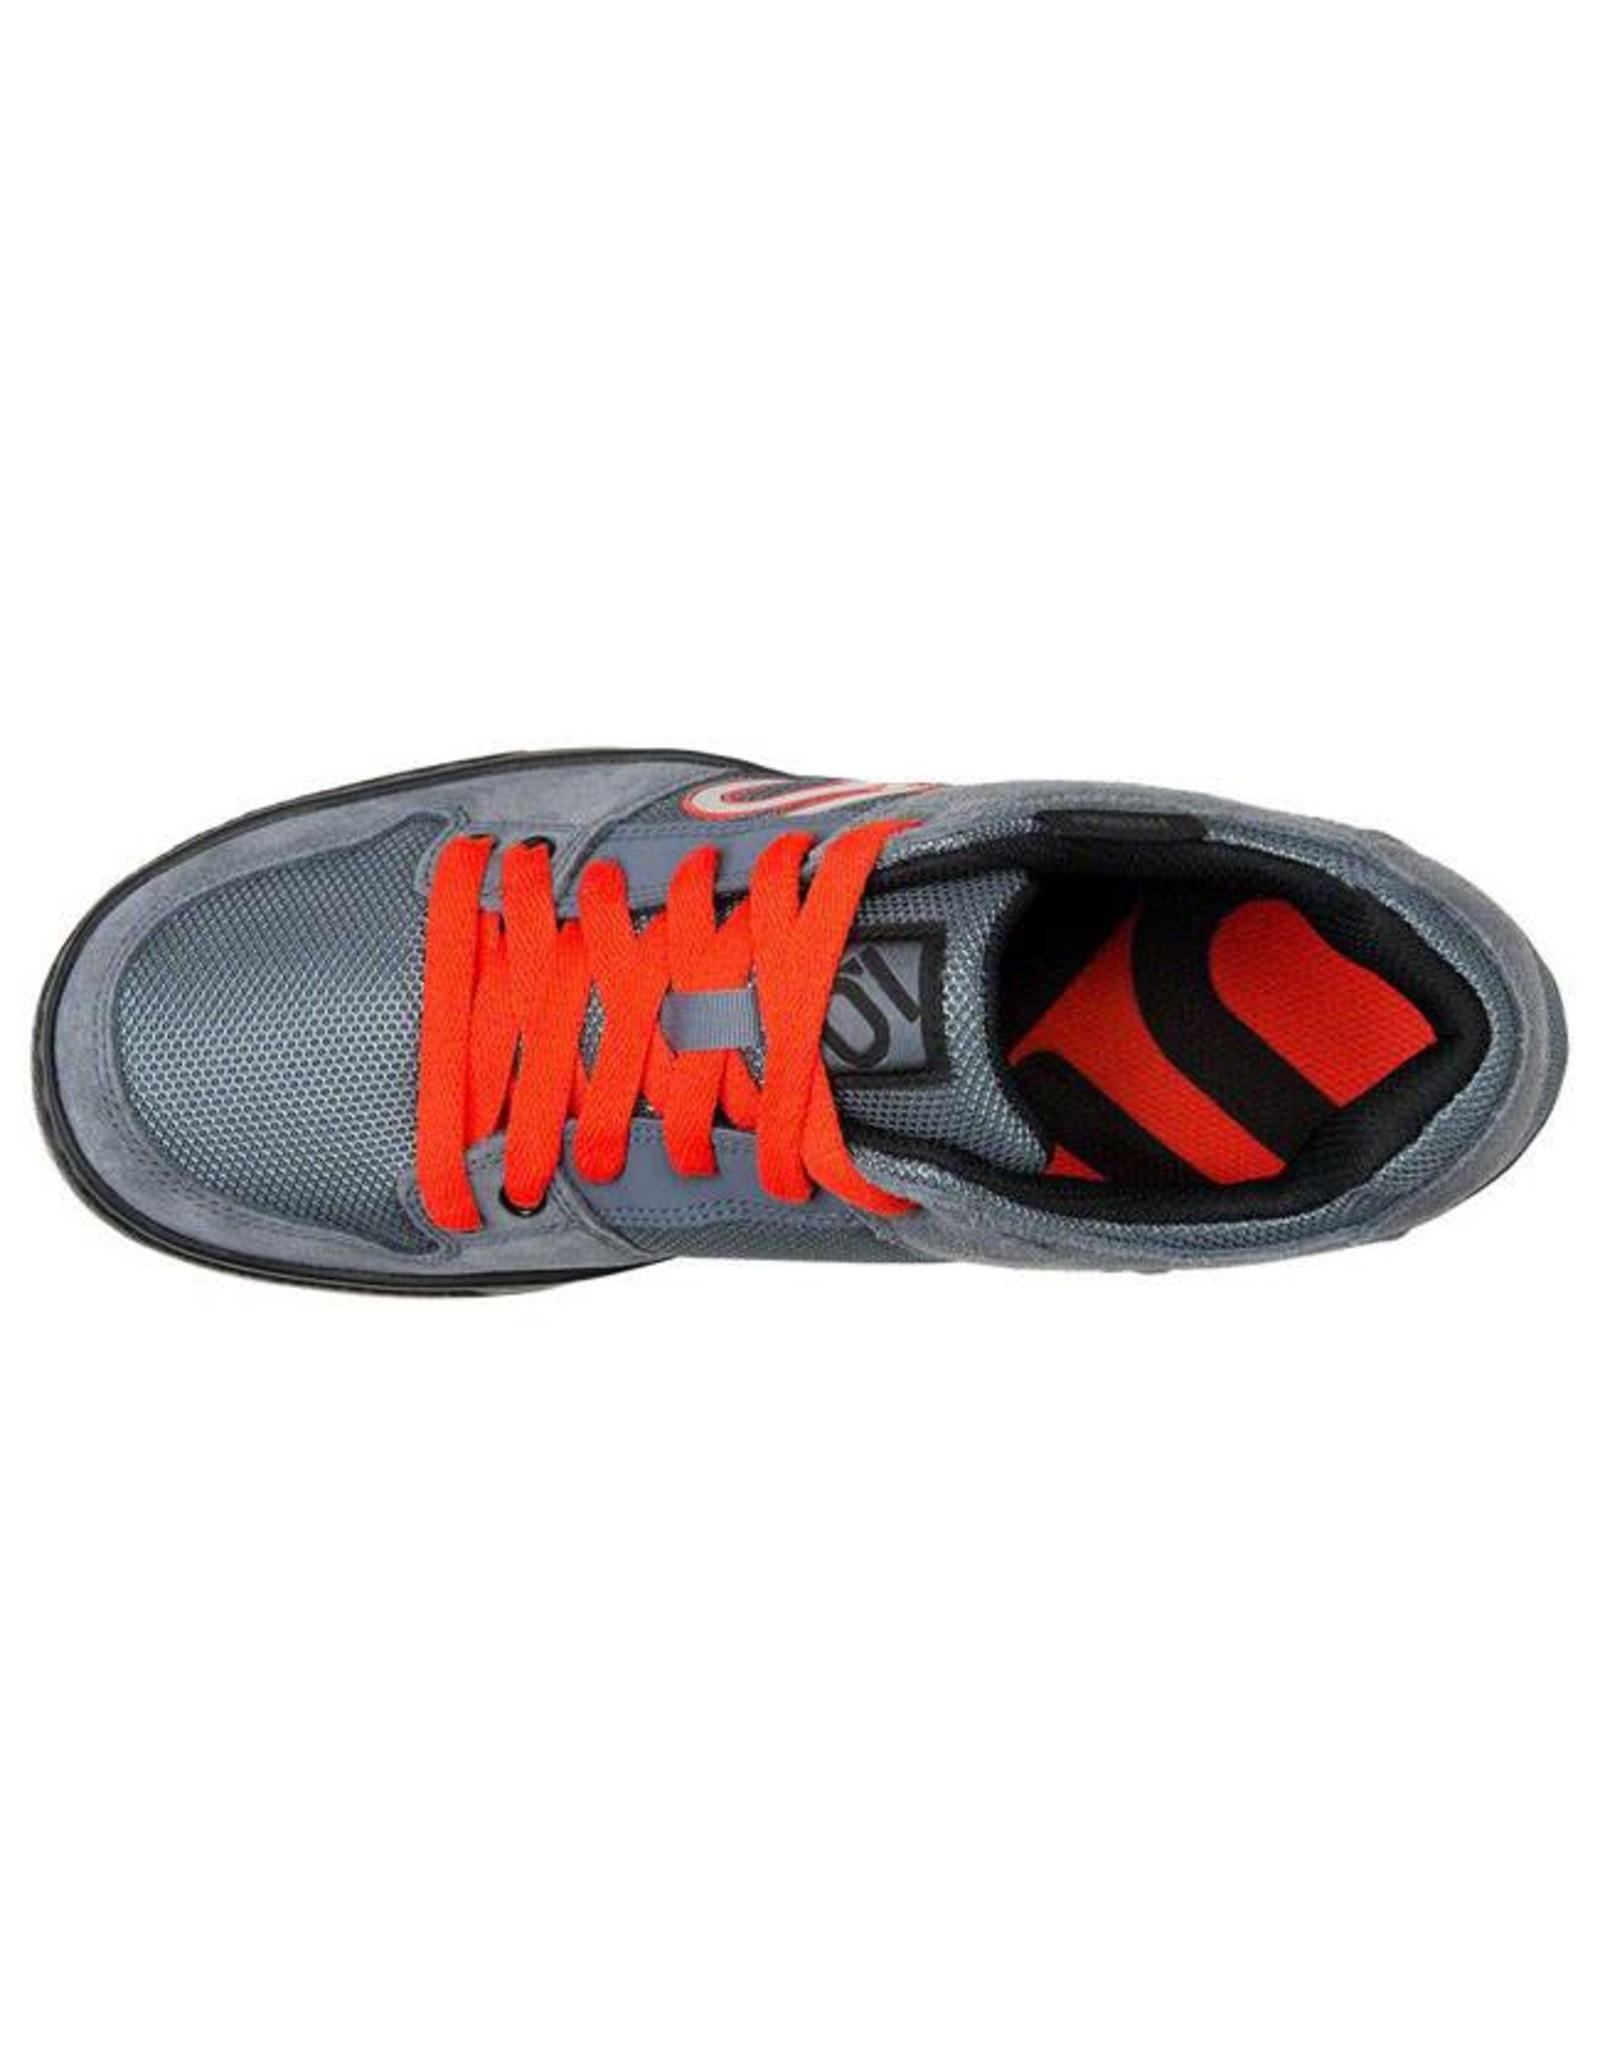 Five Ten Five Ten Freerider Men's Flat Pedal Shoe: Gray/Orange 12